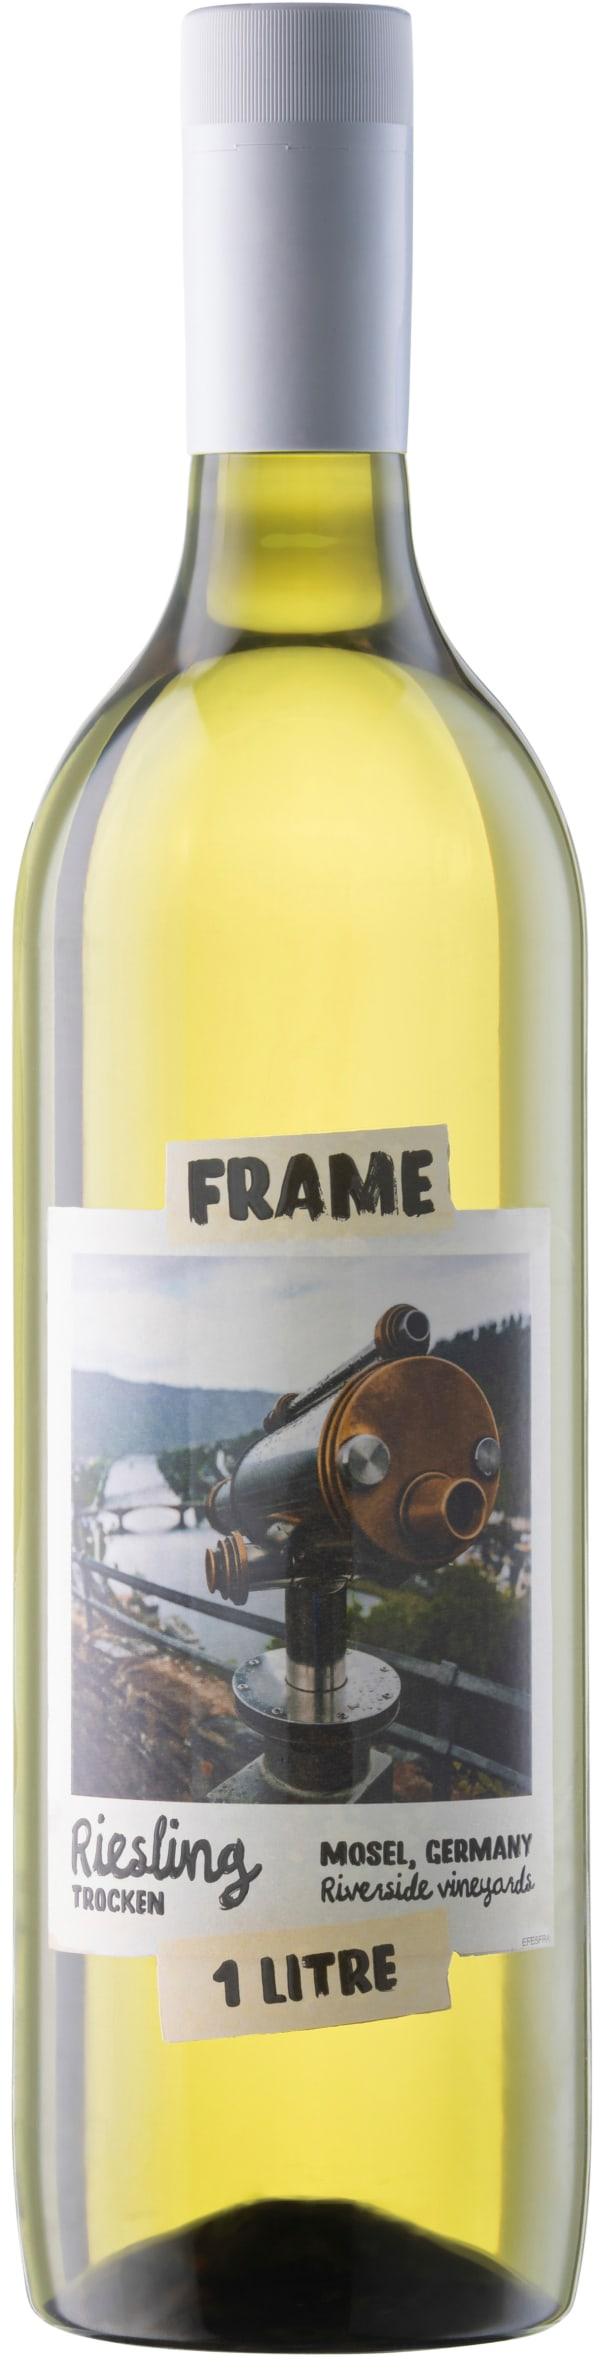 Frame Riesling Trocken 2019 plastic bottle